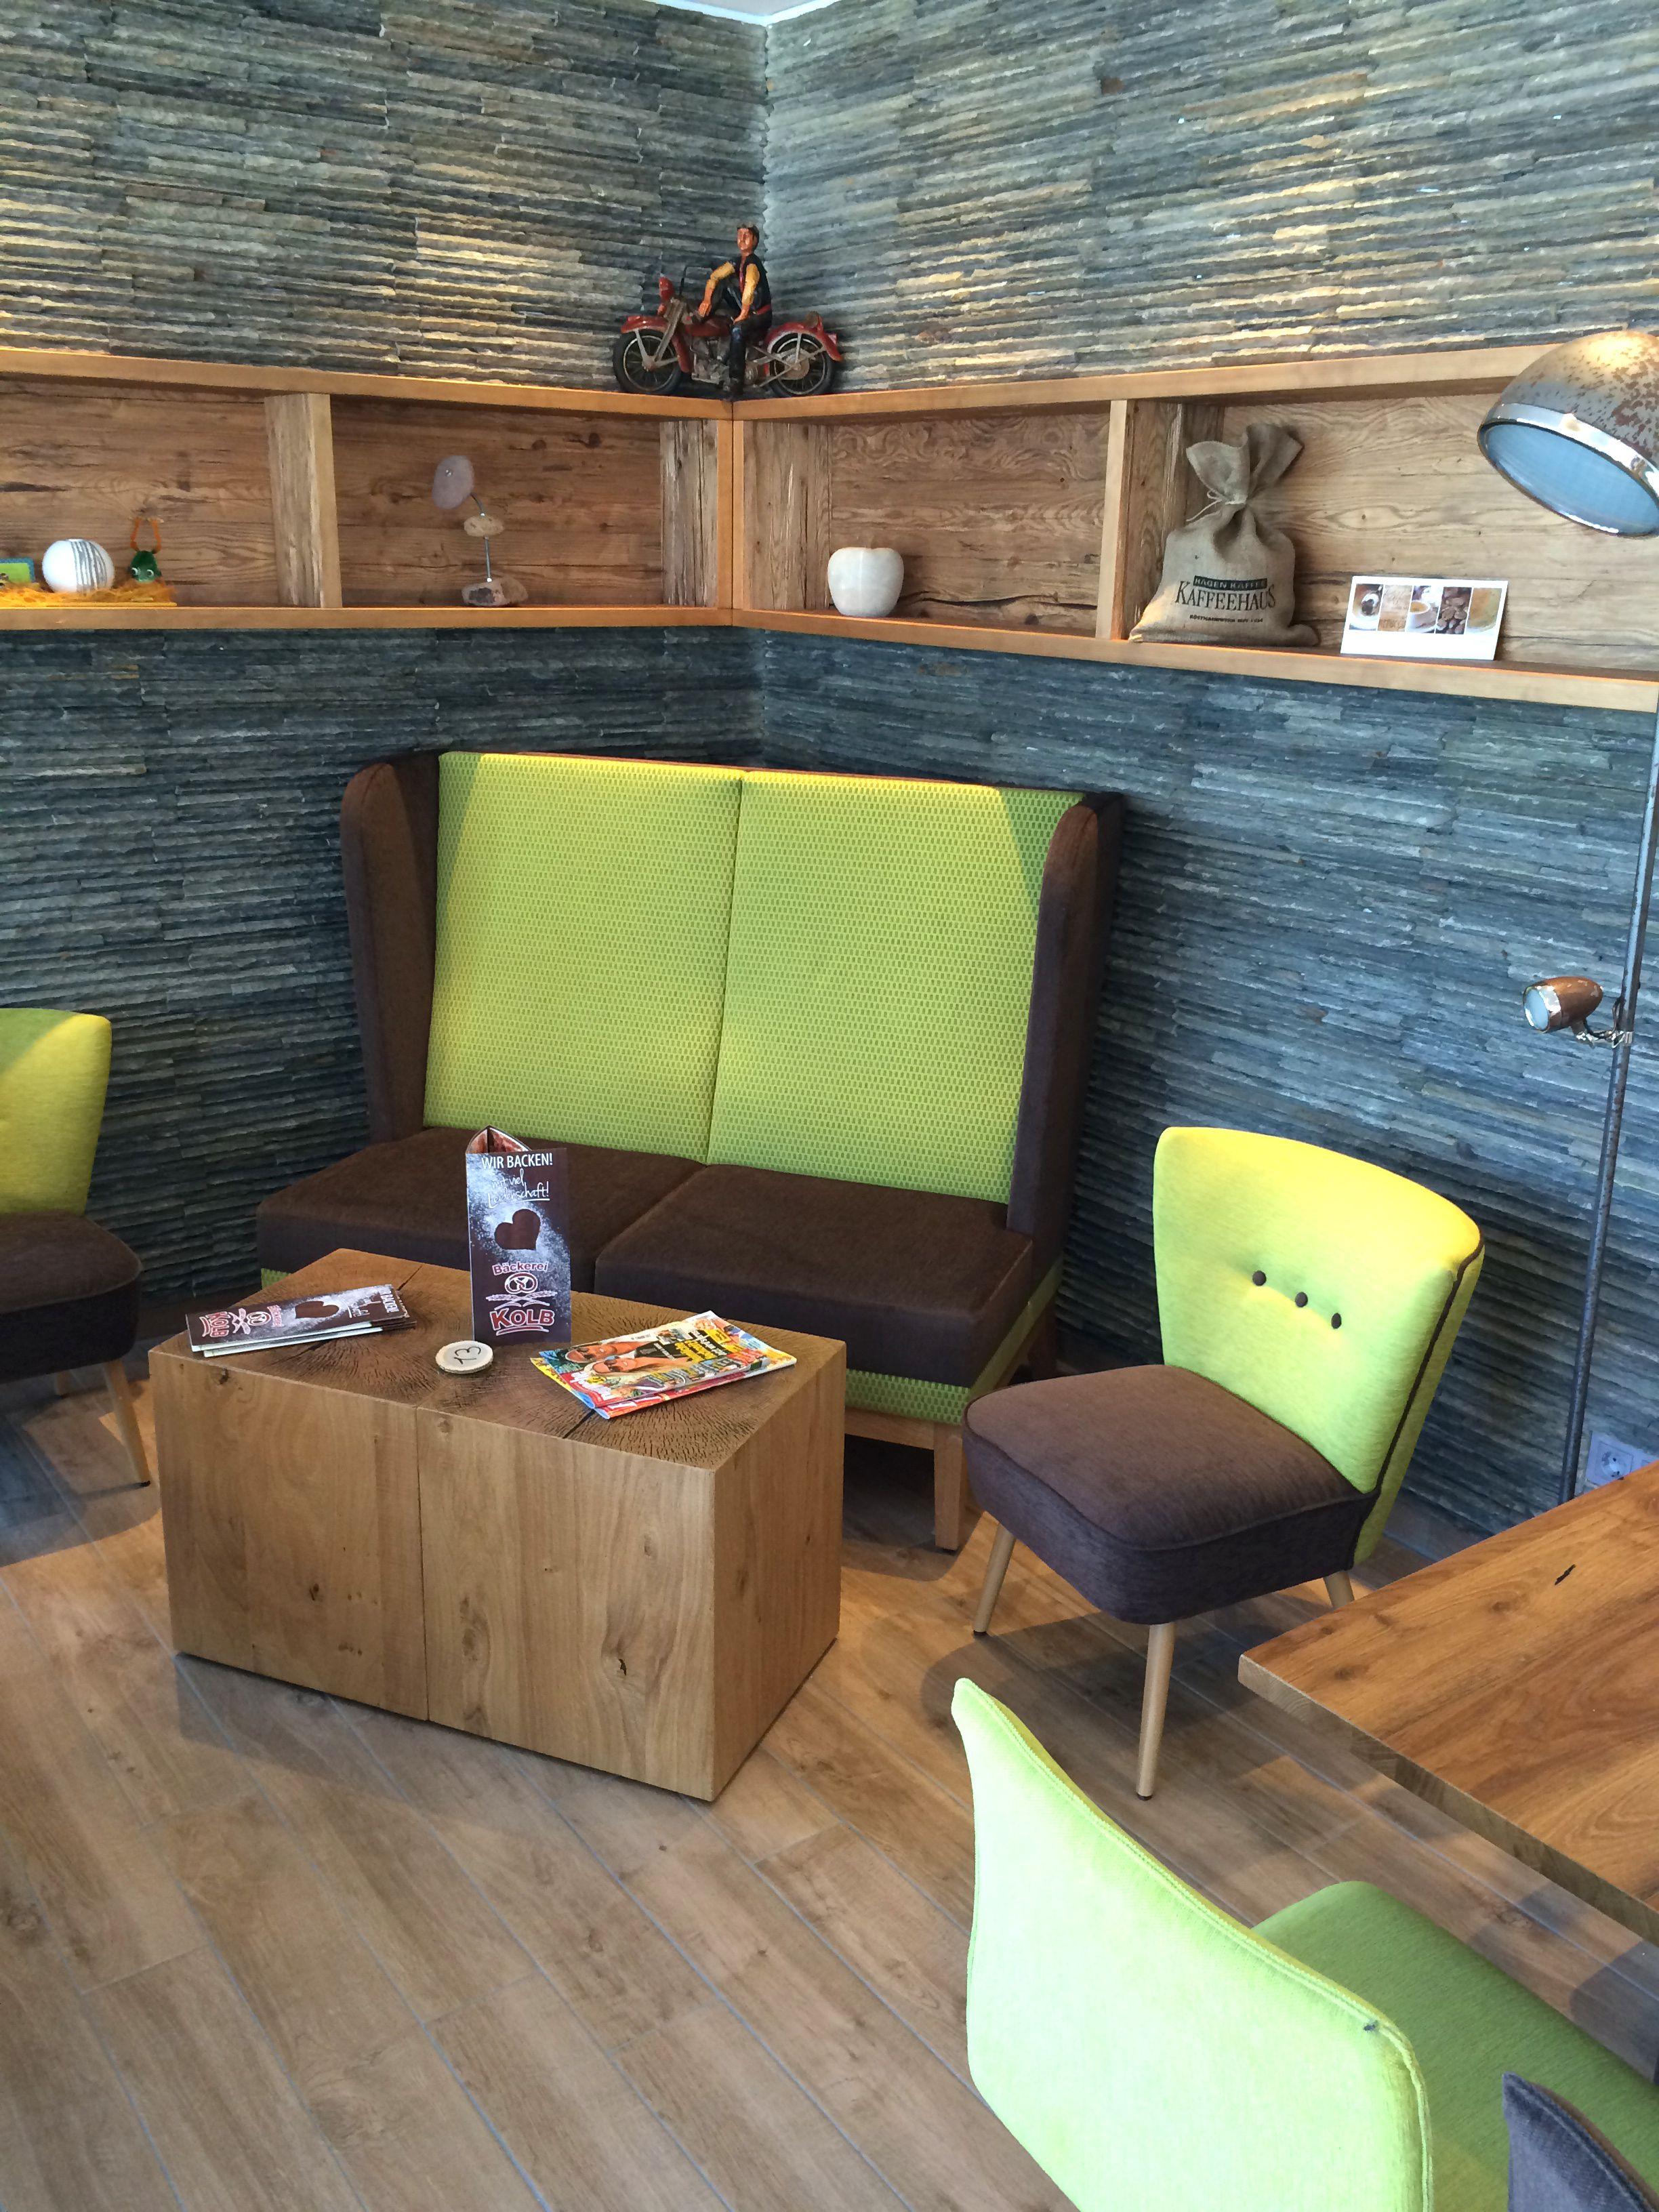 einrichtung und m blierung b ckerei caf wieder eine. Black Bedroom Furniture Sets. Home Design Ideas